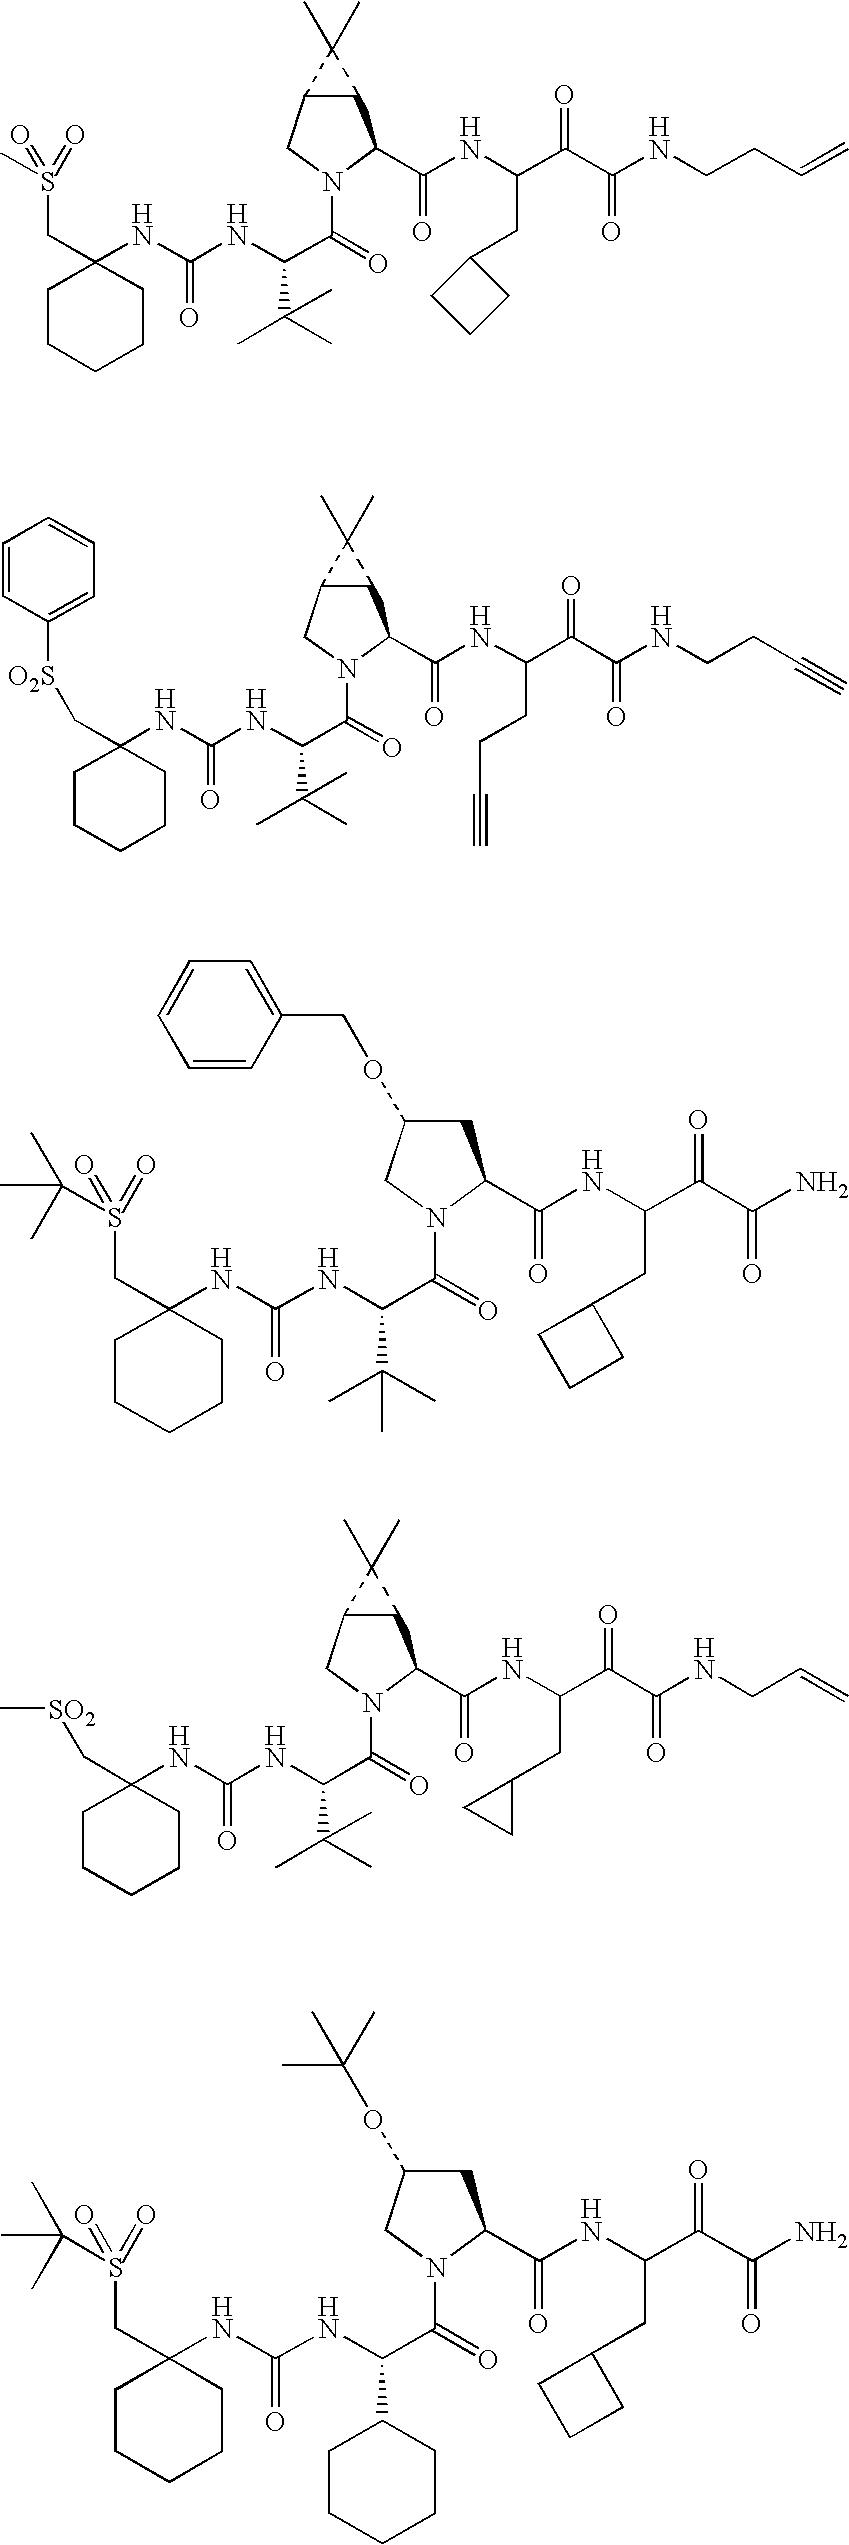 Figure US20060287248A1-20061221-C00468